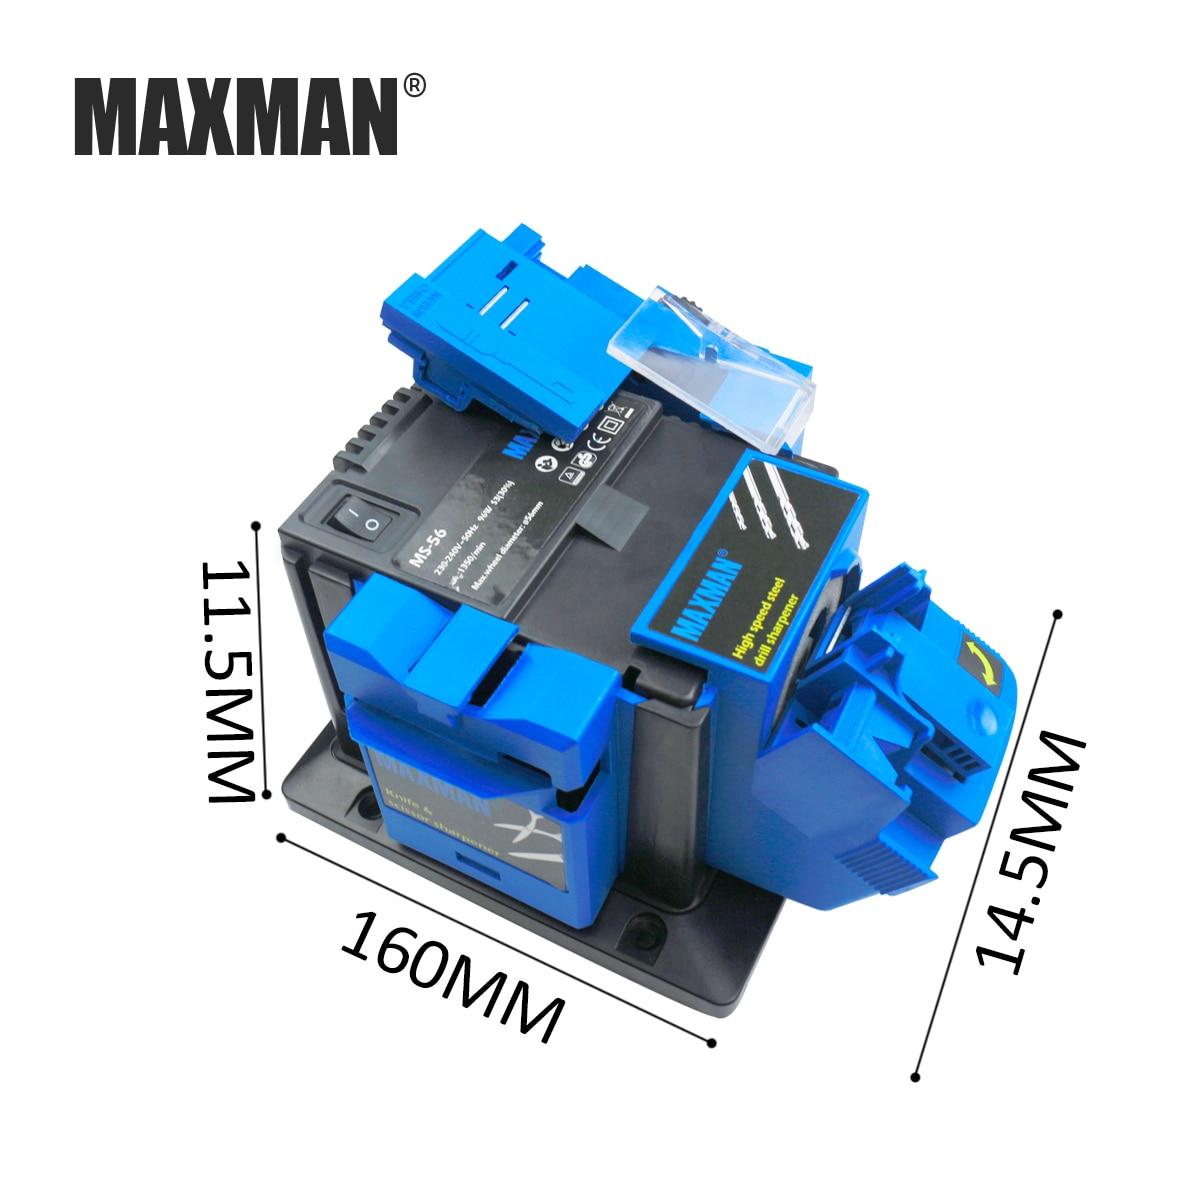 MAXMAN Professionnel Électrique Couteau Ciseaux Taille-Crayon Ciseau Avion Forage Affûtage Machine pour Couteaux de Cuisine Outil